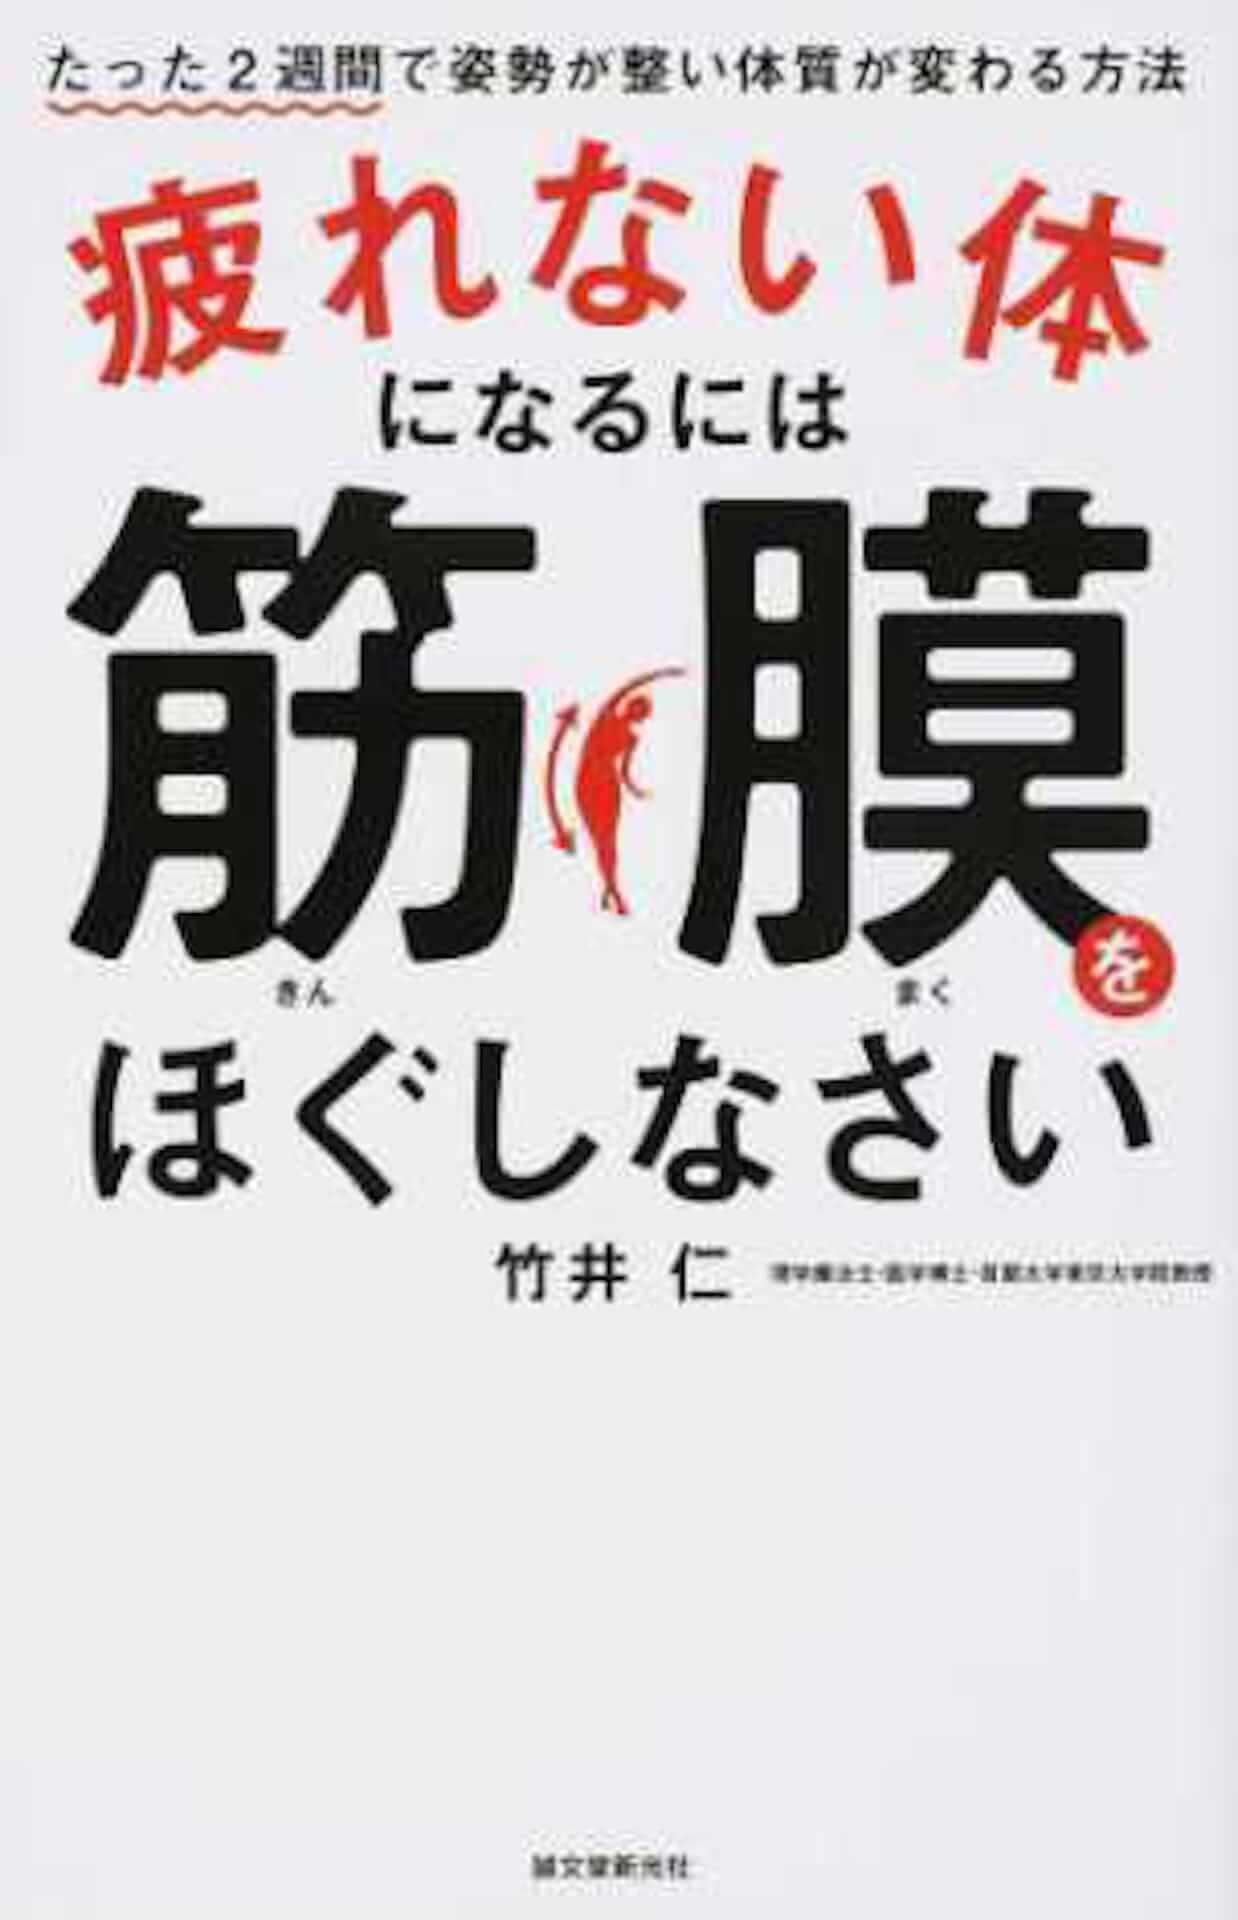 小説『ペスト』や『あつまれどうぶつの森』攻略本、志村けんのビジネス書がランクイン!honto4月の月間ランキングが発表 ac200511_honto_03